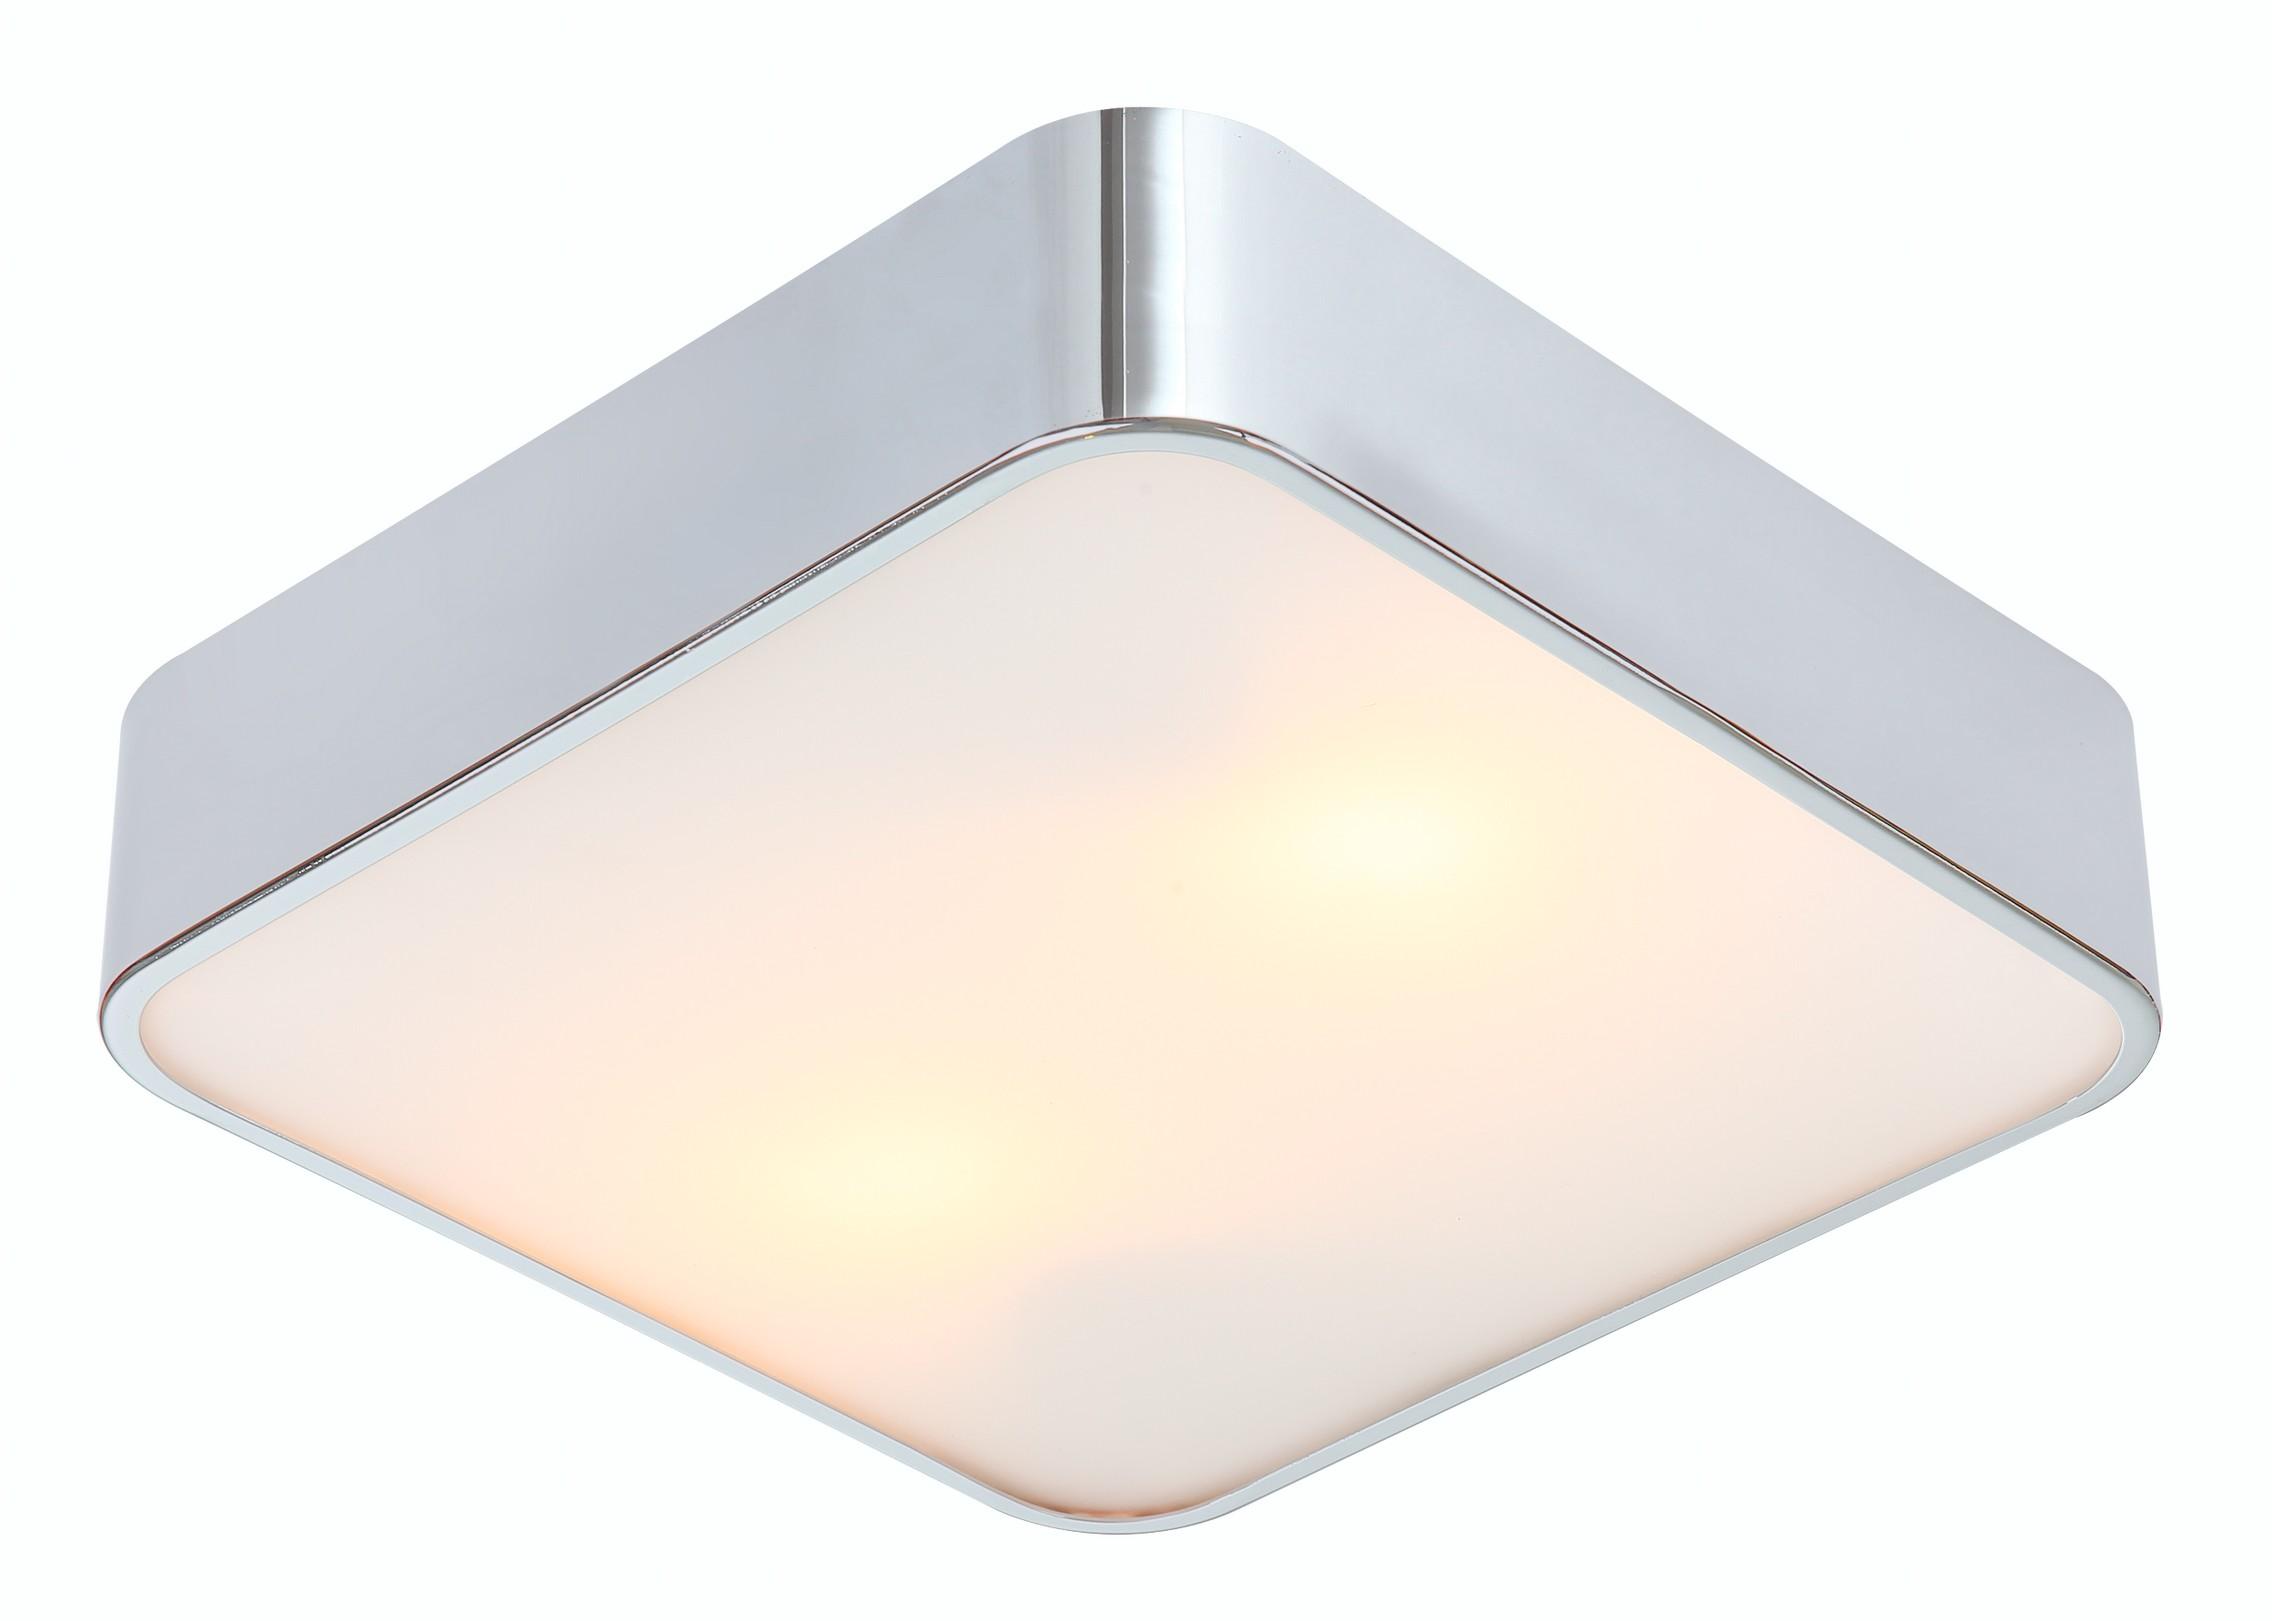 цены Светильник настенно-потолочный Arte lamp Cosmopolitan a7210pl-2cc